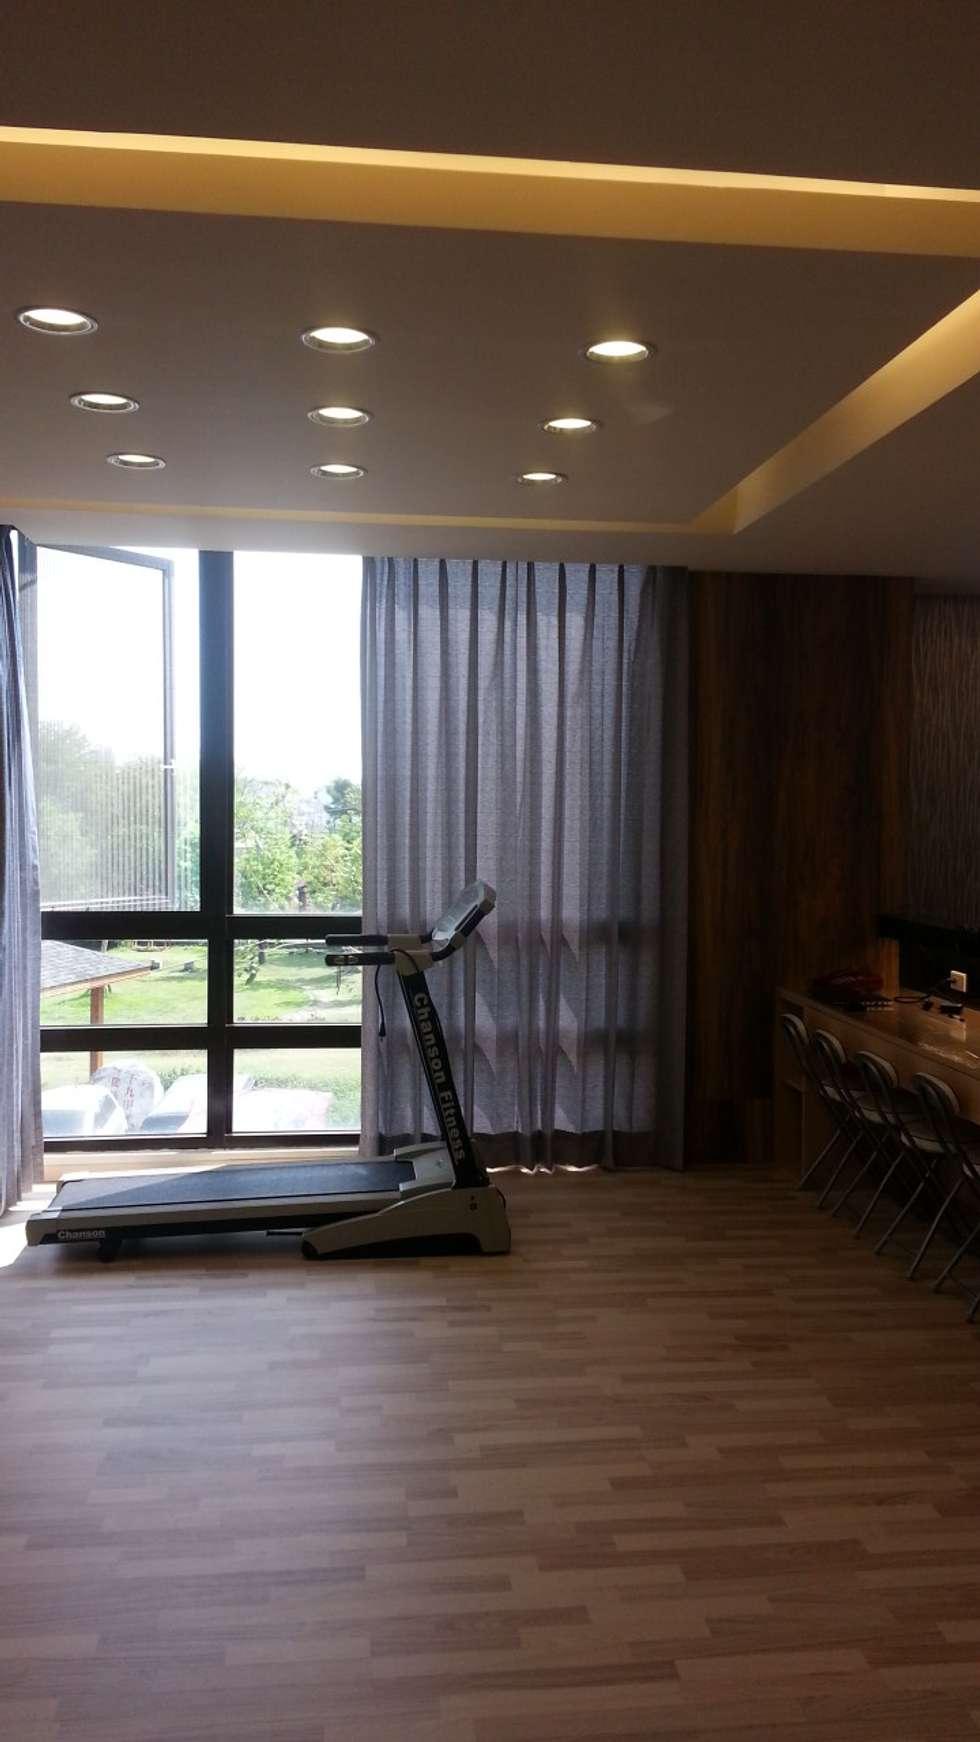 品味溫馨舒適機能性規劃:  健身房 by 登品空間規劃工程有限公司